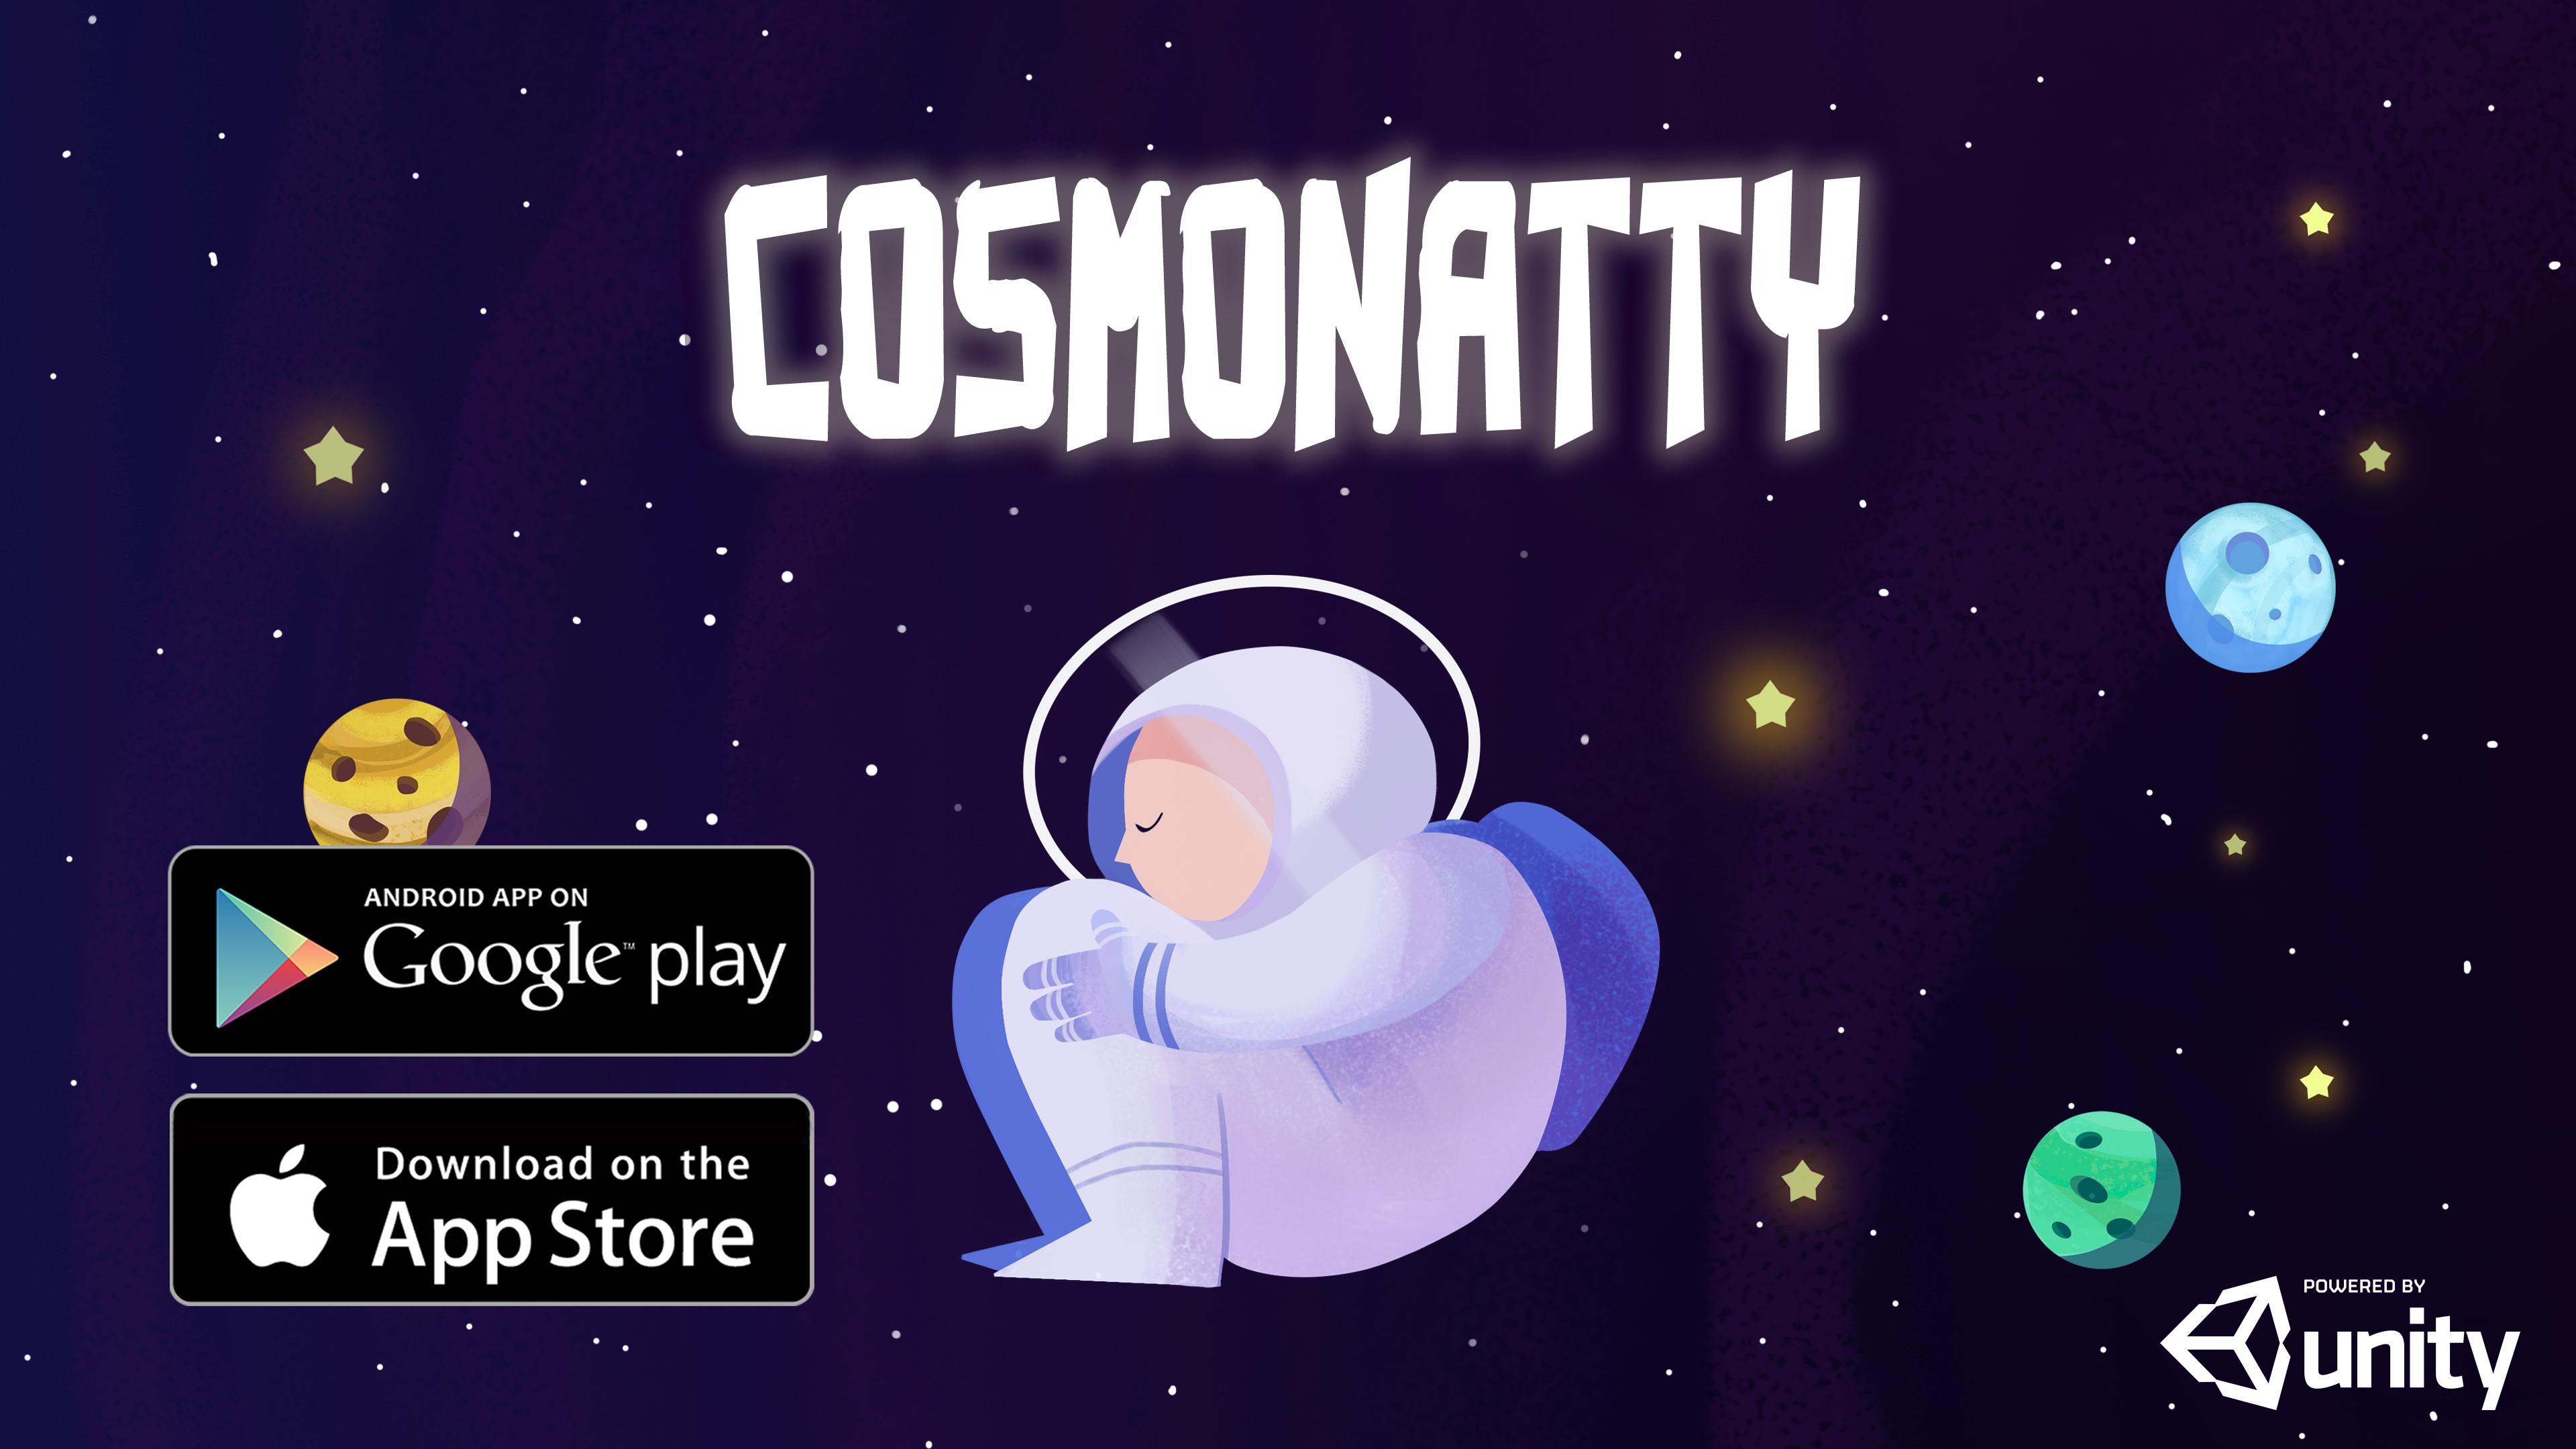 CosmoNatty